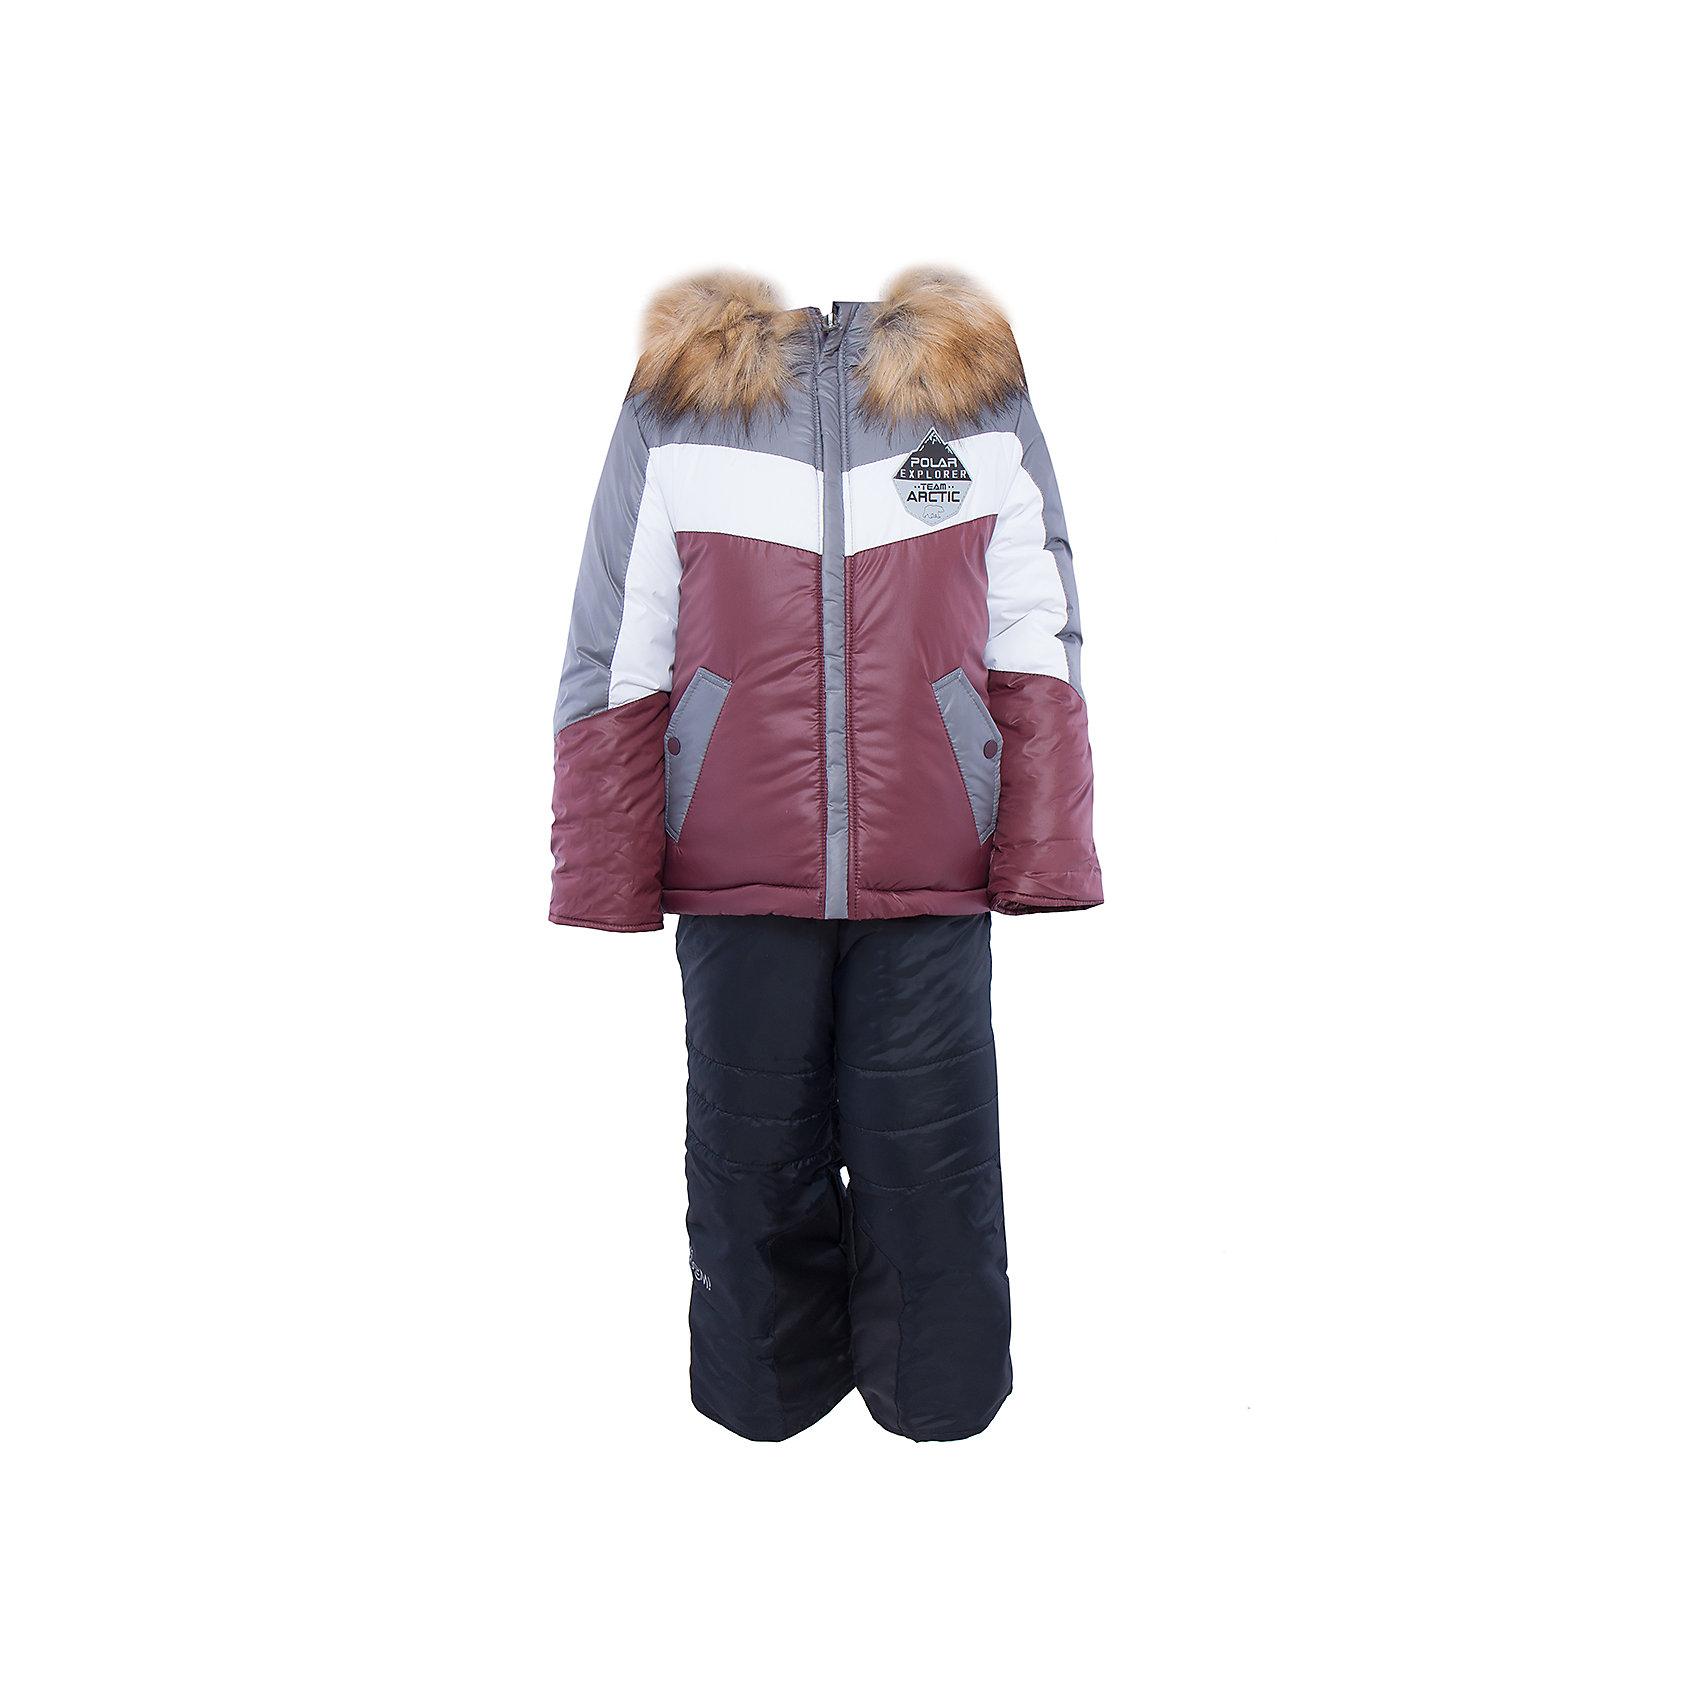 Комплект: куртка и брюки для мальчика BOOM by OrbyВерхняя одежда<br>Характеристики изделия:<br><br>- комплектация: куртка, полукомбинезон;<br>- материал верха: болонь;<br>- подкладка: ПЭ, флис;<br>- утеплитель: эко-синтепон 400 г/м2, 200 г/м2; <br>- отделка: искусственный мех;<br>- фурнитура: металл, пластик;<br>- застежка: молния;<br>- капюшон;<br>- защита подбородка;<br>- клапан от ветра;<br>- принт на куртке;<br>- температурный режим до -30°С<br><br><br>В холодный сезон важно одеть ребенка комфортно и тепло. Этот стильный и теплый комплект позволит мальчику наслаждаться зимним отдыхом, не боясь замерзнуть, и выглядеть при этом очень симпатично.<br>Теплая куртка плотно сидит благодаря манжетам и надежным застежкам. Она смотрится очень эффектно благодаря пушистому воротнику. Полукомбинезон дополнен регулируемыми лямками, карманами и манжетами.<br><br>Комплект: курта и брюки для мальчика от бренда BOOM by Orby можно купить в нашем магазине.<br><br>Ширина мм: 215<br>Глубина мм: 88<br>Высота мм: 191<br>Вес г: 336<br>Цвет: серый<br>Возраст от месяцев: 24<br>Возраст до месяцев: 36<br>Пол: Мужской<br>Возраст: Детский<br>Размер: 122,104,116,86,110,92,98<br>SKU: 4982730